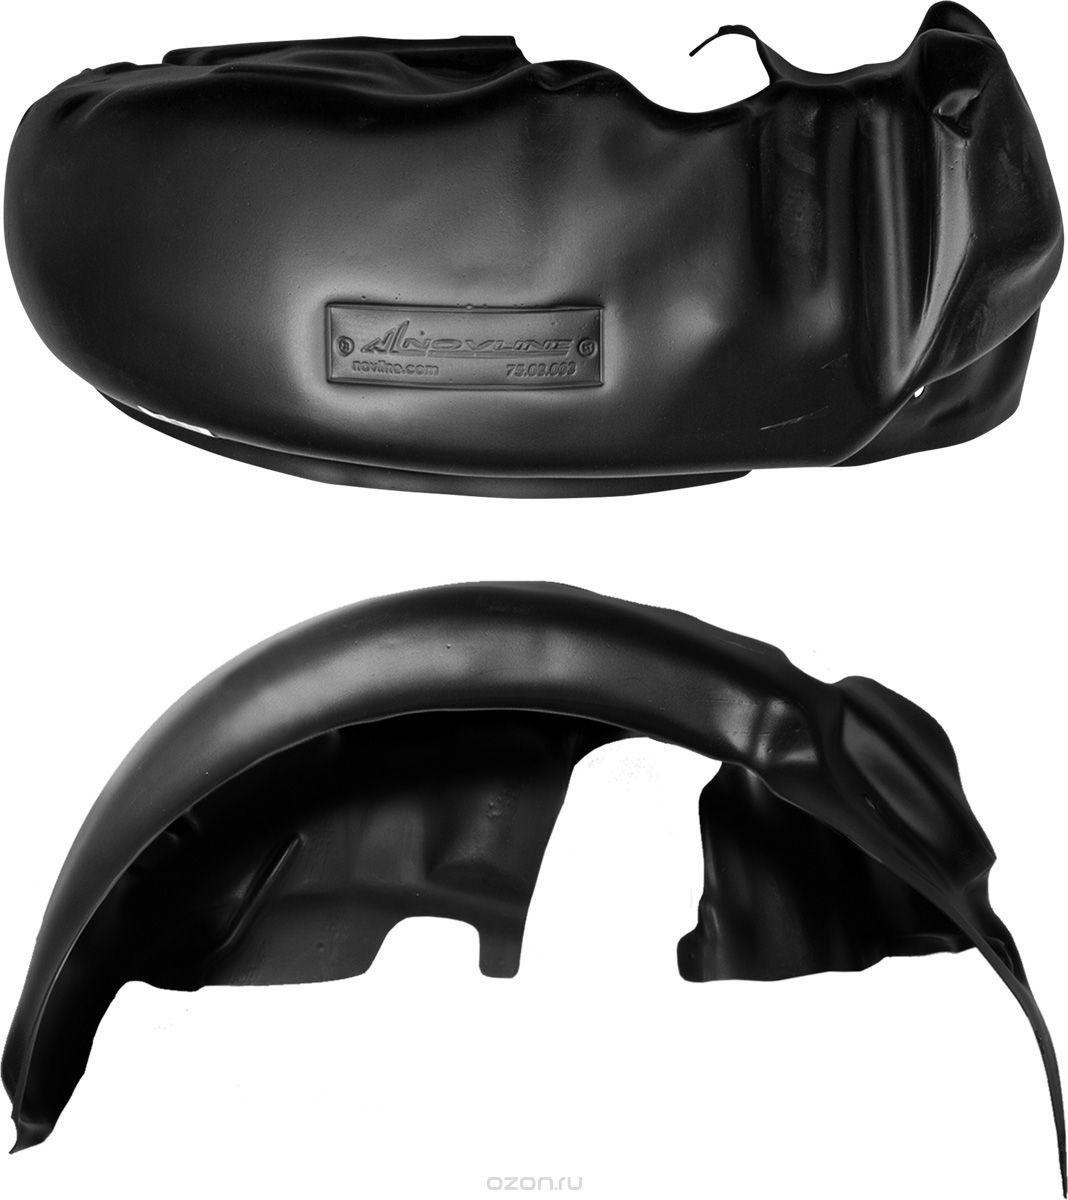 Подкрылок Novline-Autofamily, для UAZ Patriot 3163, 2005->, задний правыйNLL.54.04.004Идеальная защита колесной ниши. Локеры разработаны с применением цифровых технологий, гарантируют максимальную повторяемость поверхности арки. Изделия устанавливаются без нарушения лакокрасочного покрытия автомобиля, каждый подкрылок комплектуется крепежом. Уважаемые клиенты, обращаем ваше внимание, что фотографии на подкрылки универсальные и не отражают реальную форму изделия. При этом само изделие идет точно под размер указанного автомобиля.